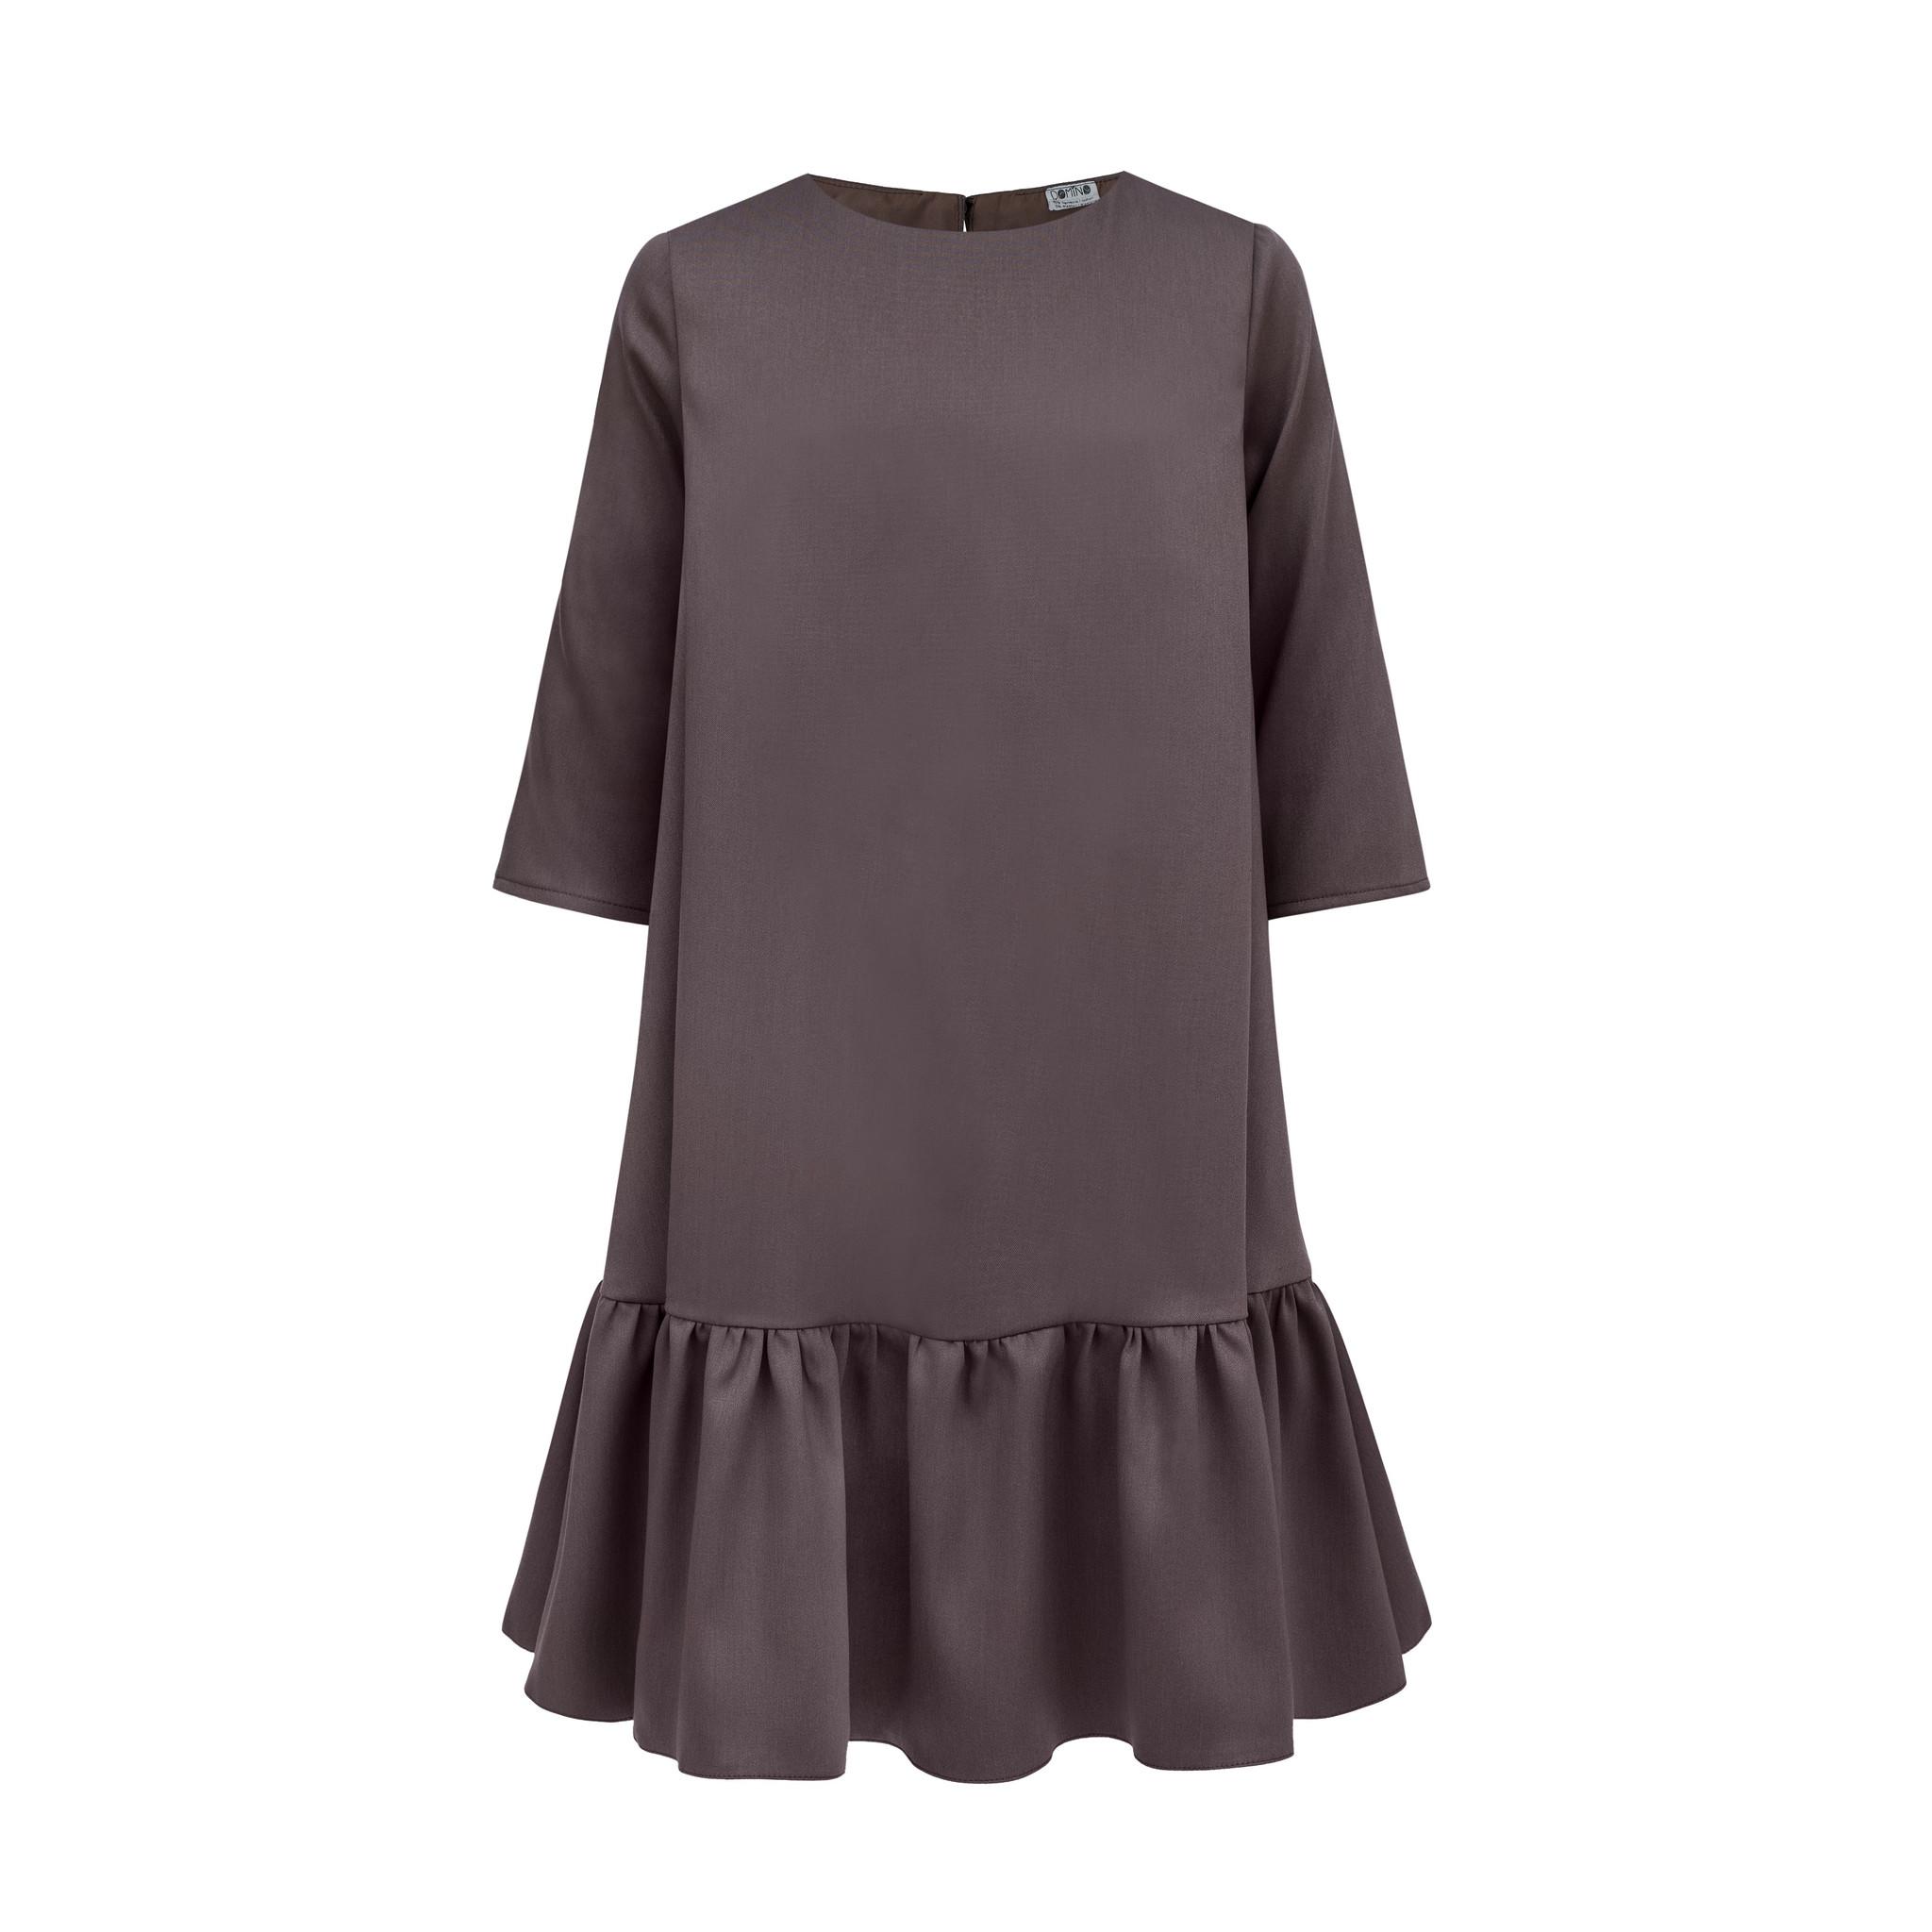 Sukienka w kolorze kakao - Domino.little.dress